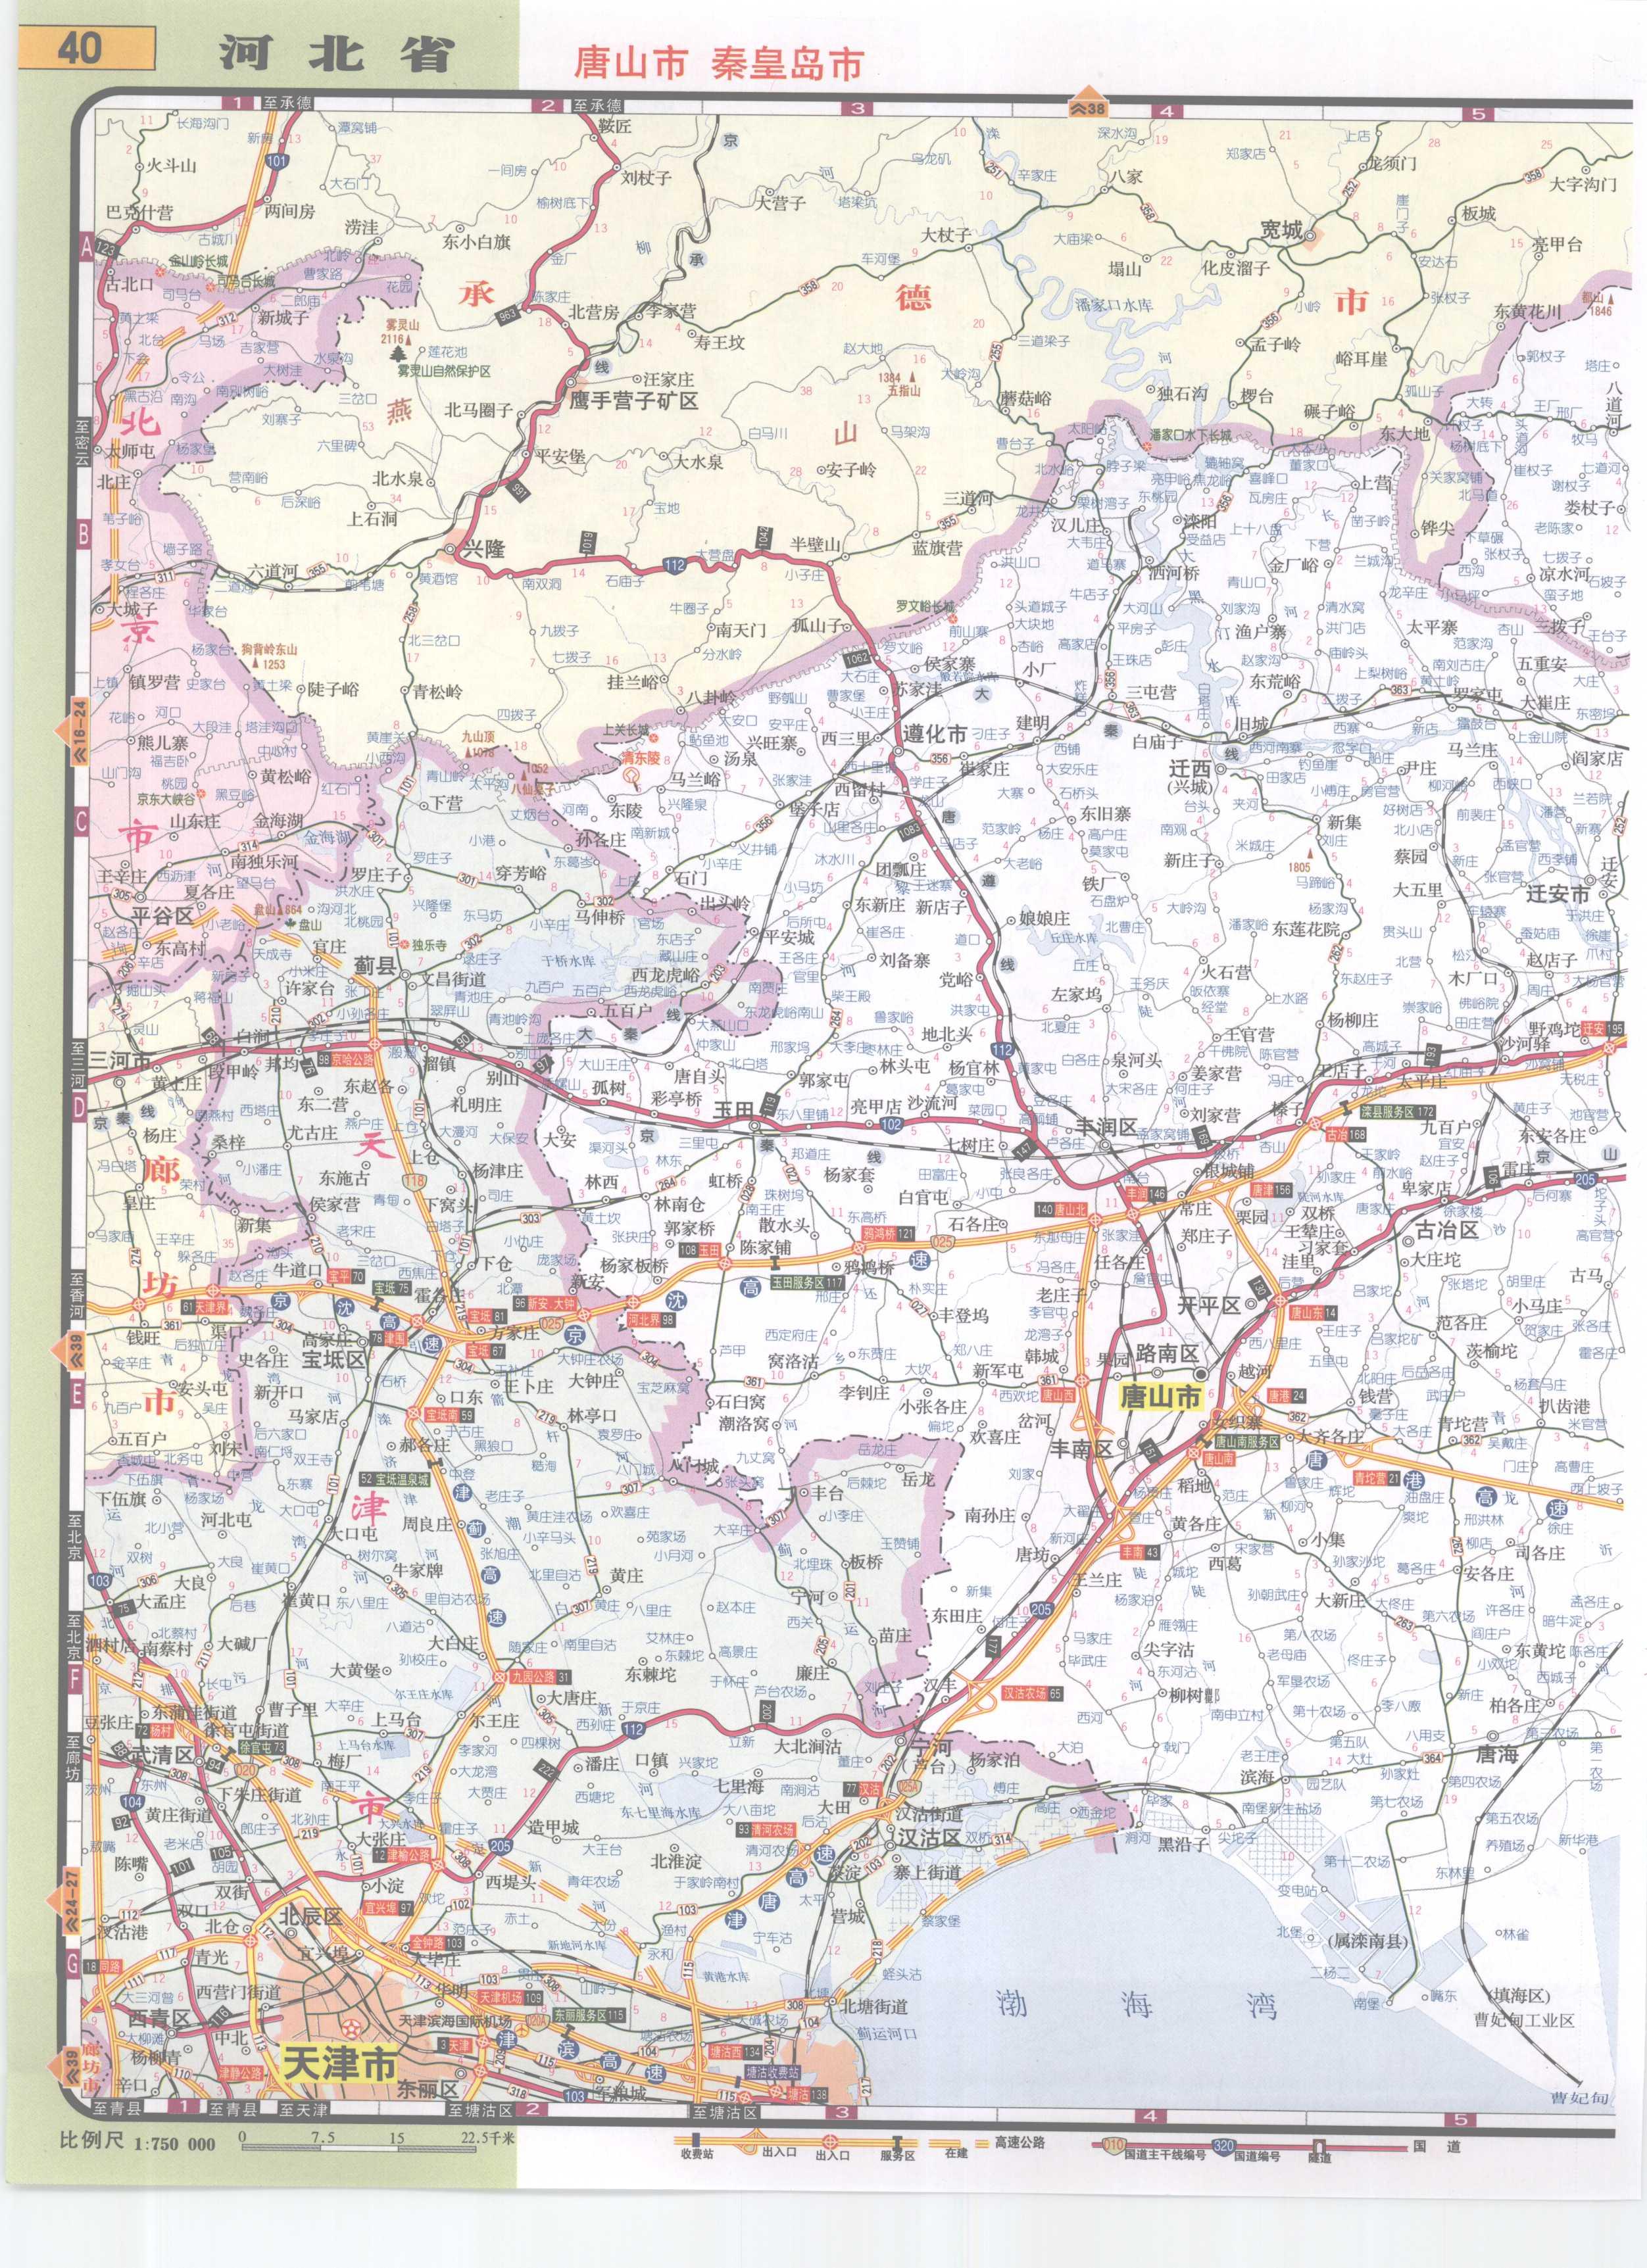 河北省张唐山市秦皇岛市高速公路网地图